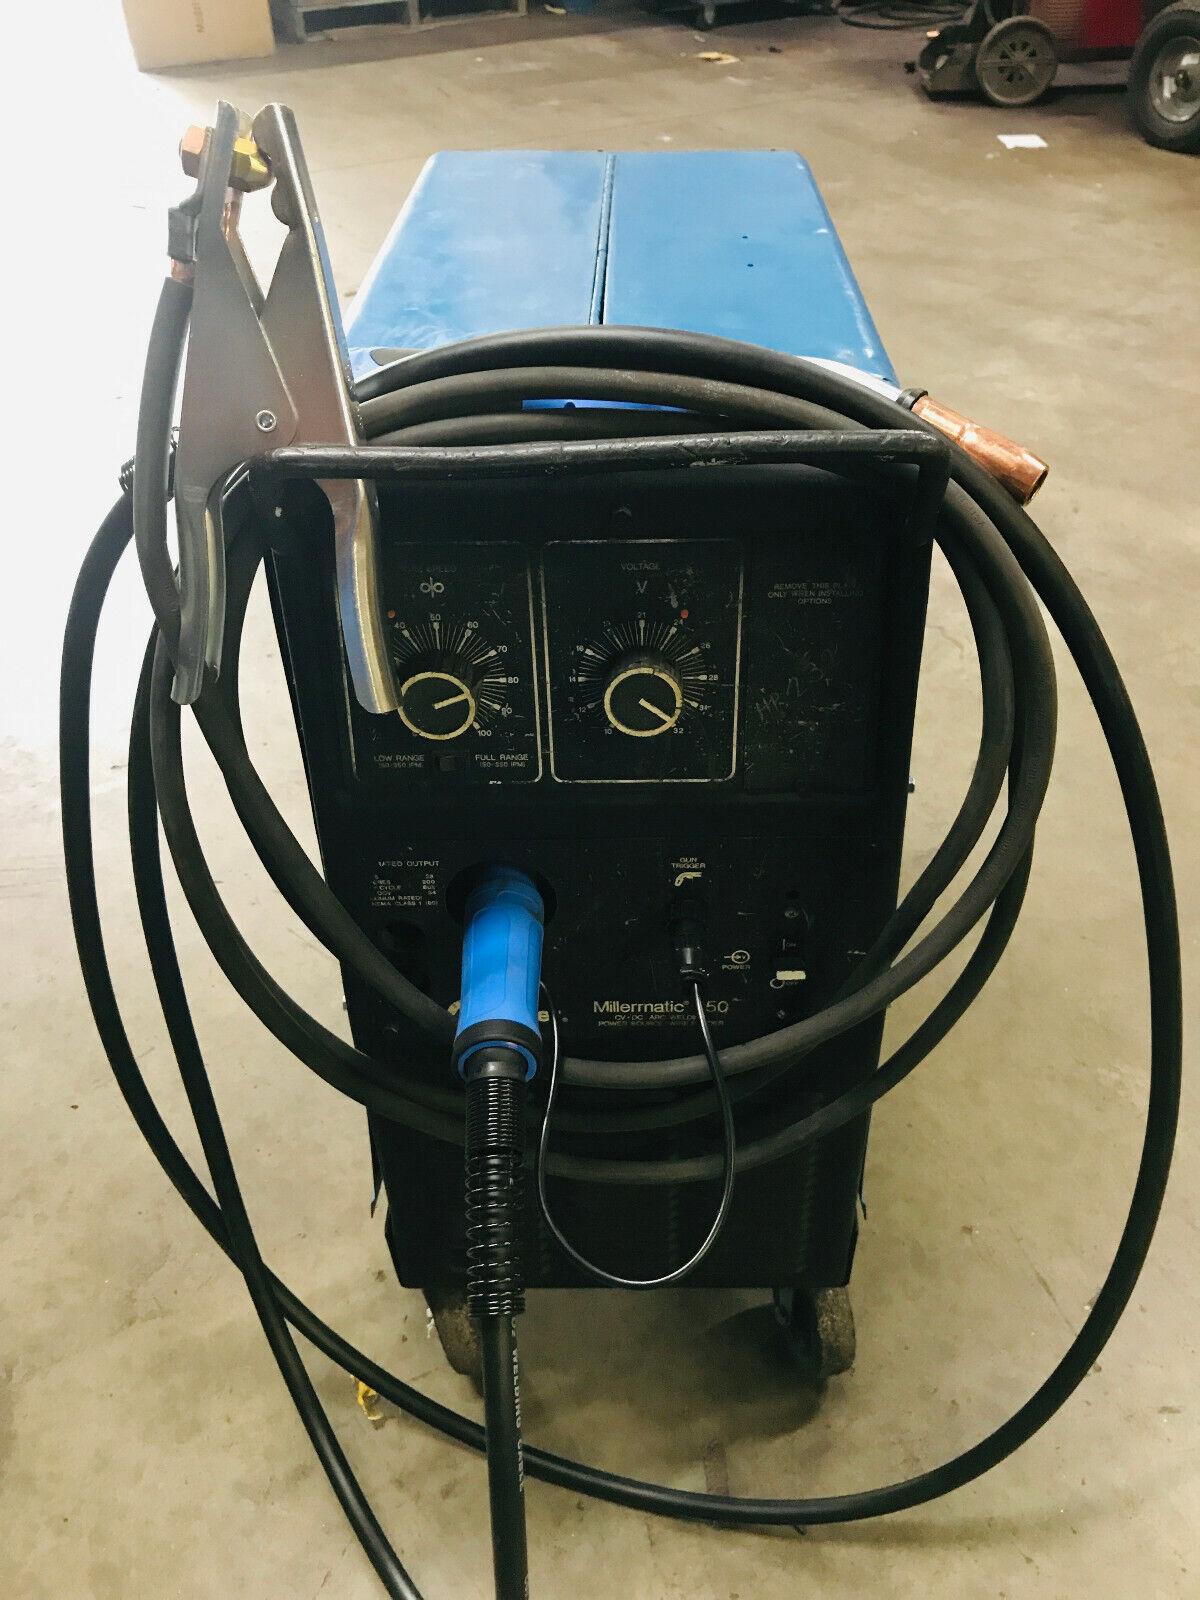 MILLER MILLERMATIC 250 MIG WELDER 240V. Available Now for 1595.00